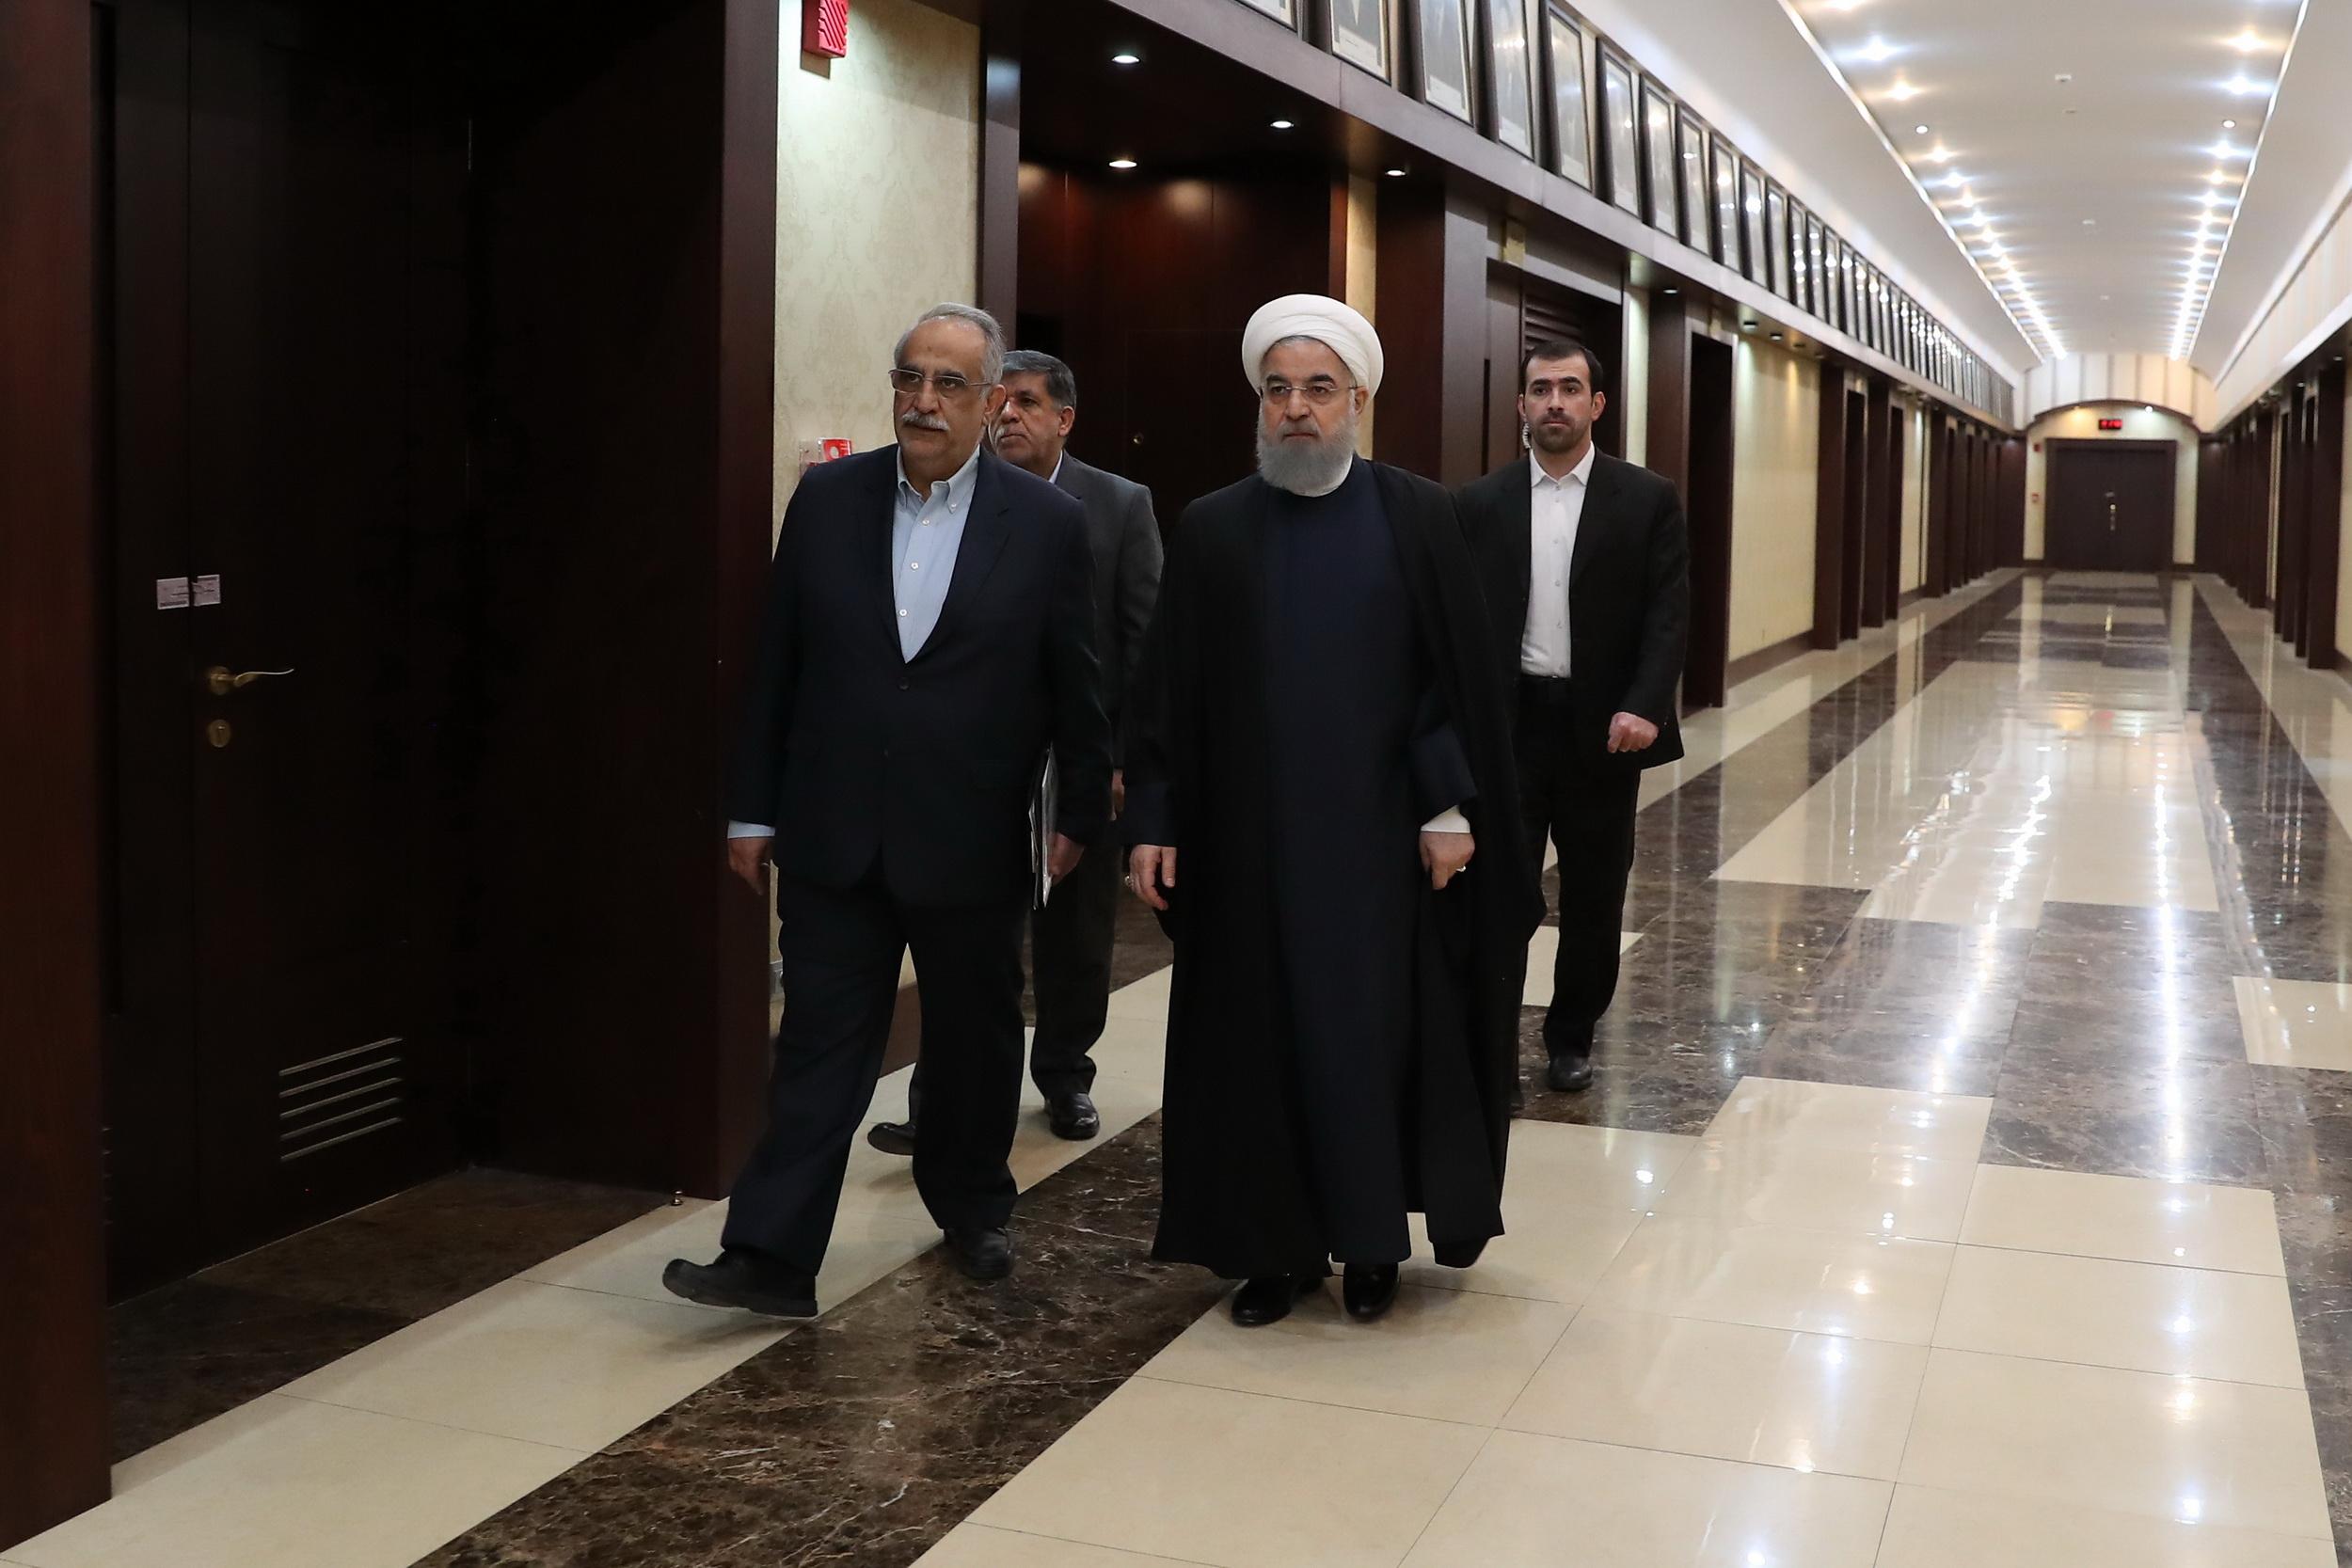 روحانی: مردم به حق میگویند ما را ببینید/همه مسئولان قابل نقد هستند؛ معصوم نداریم